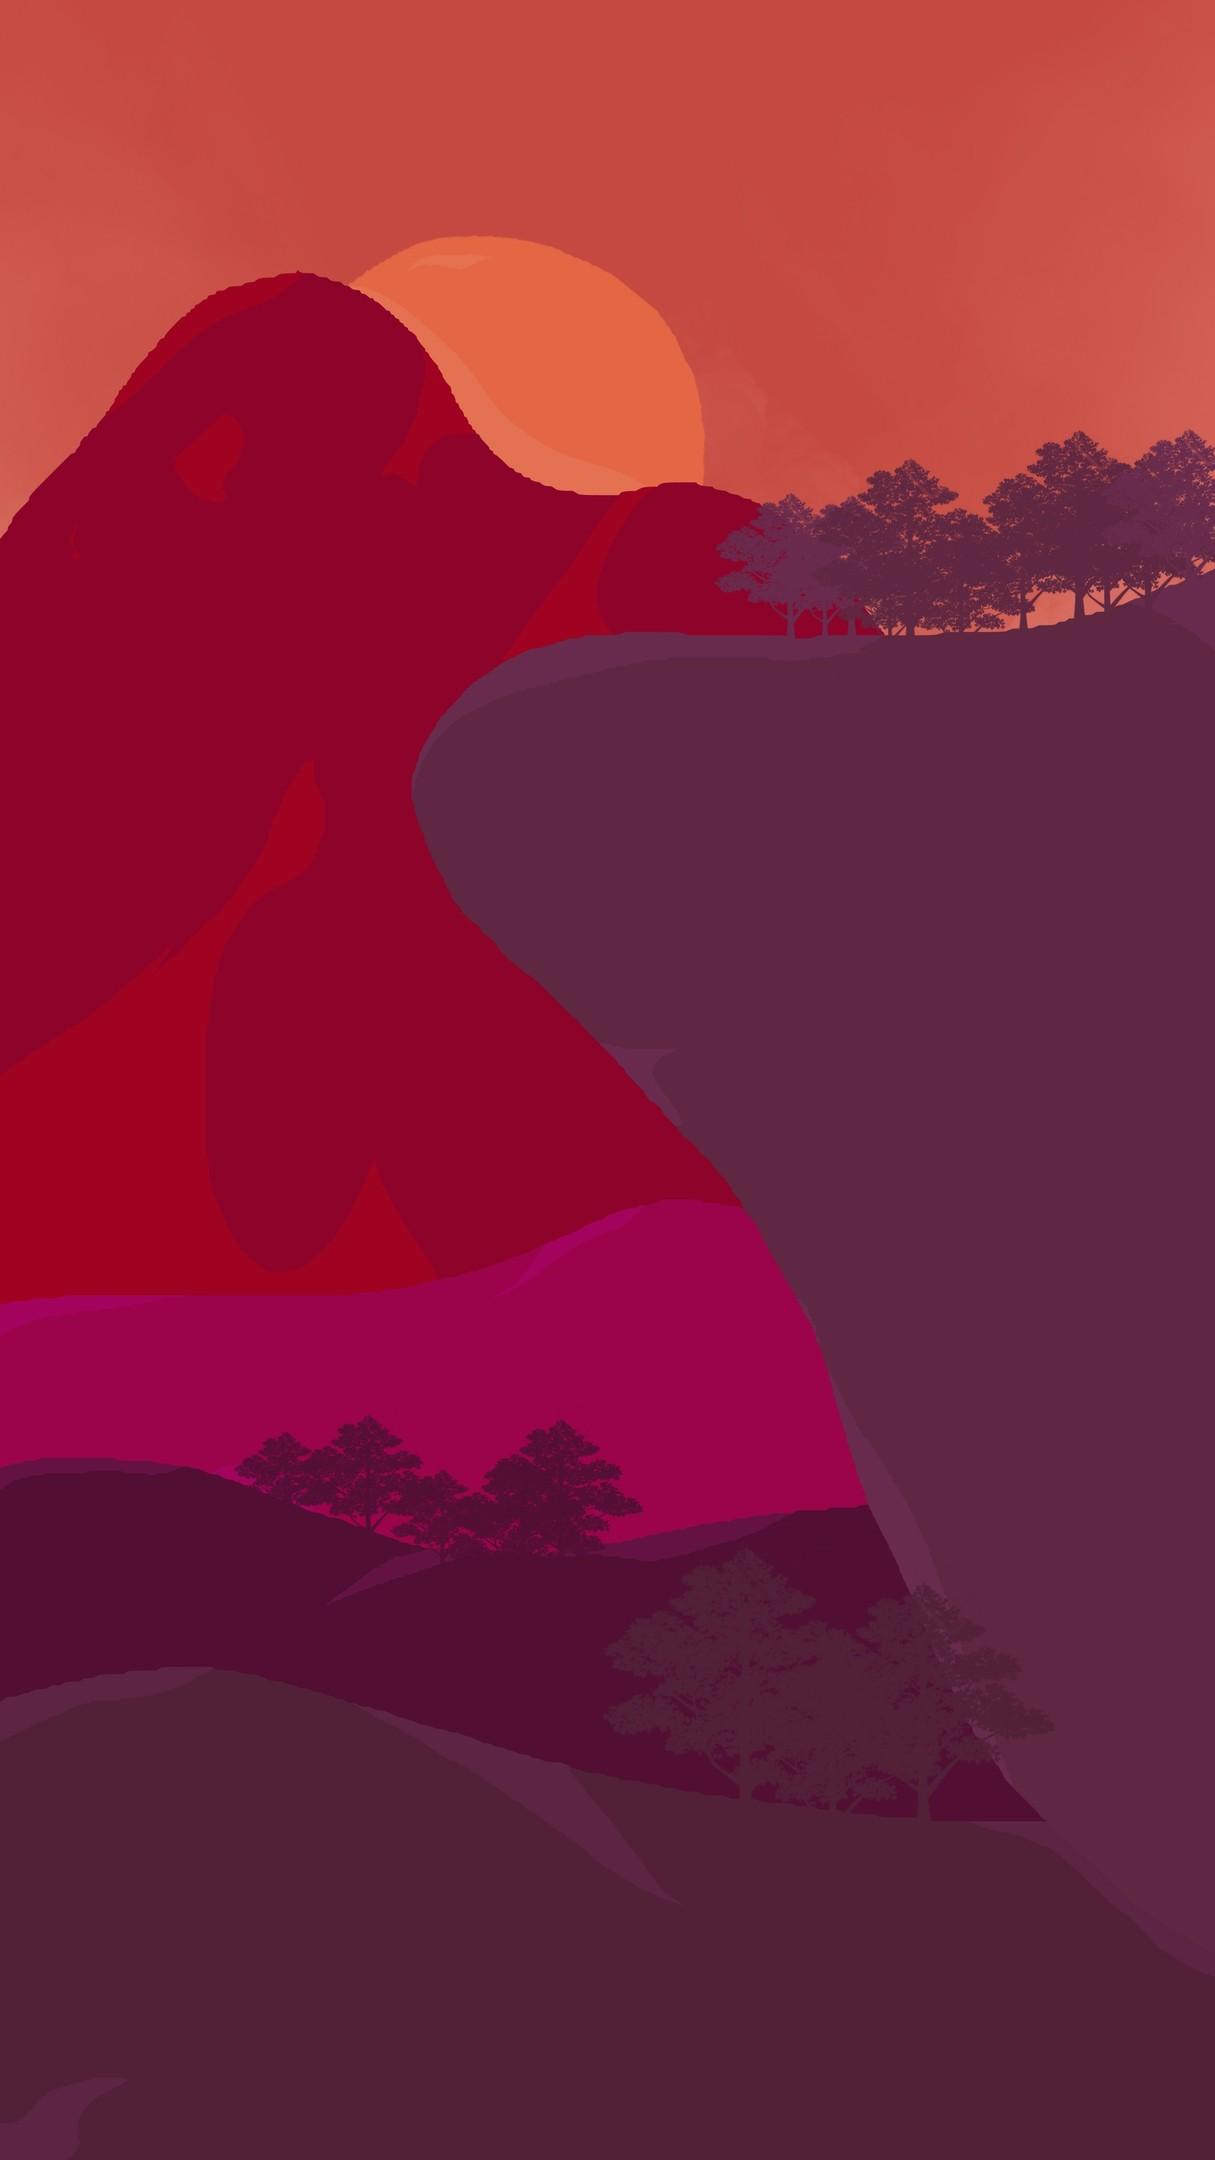 Sunset Wallpaper 4k 2160x3480